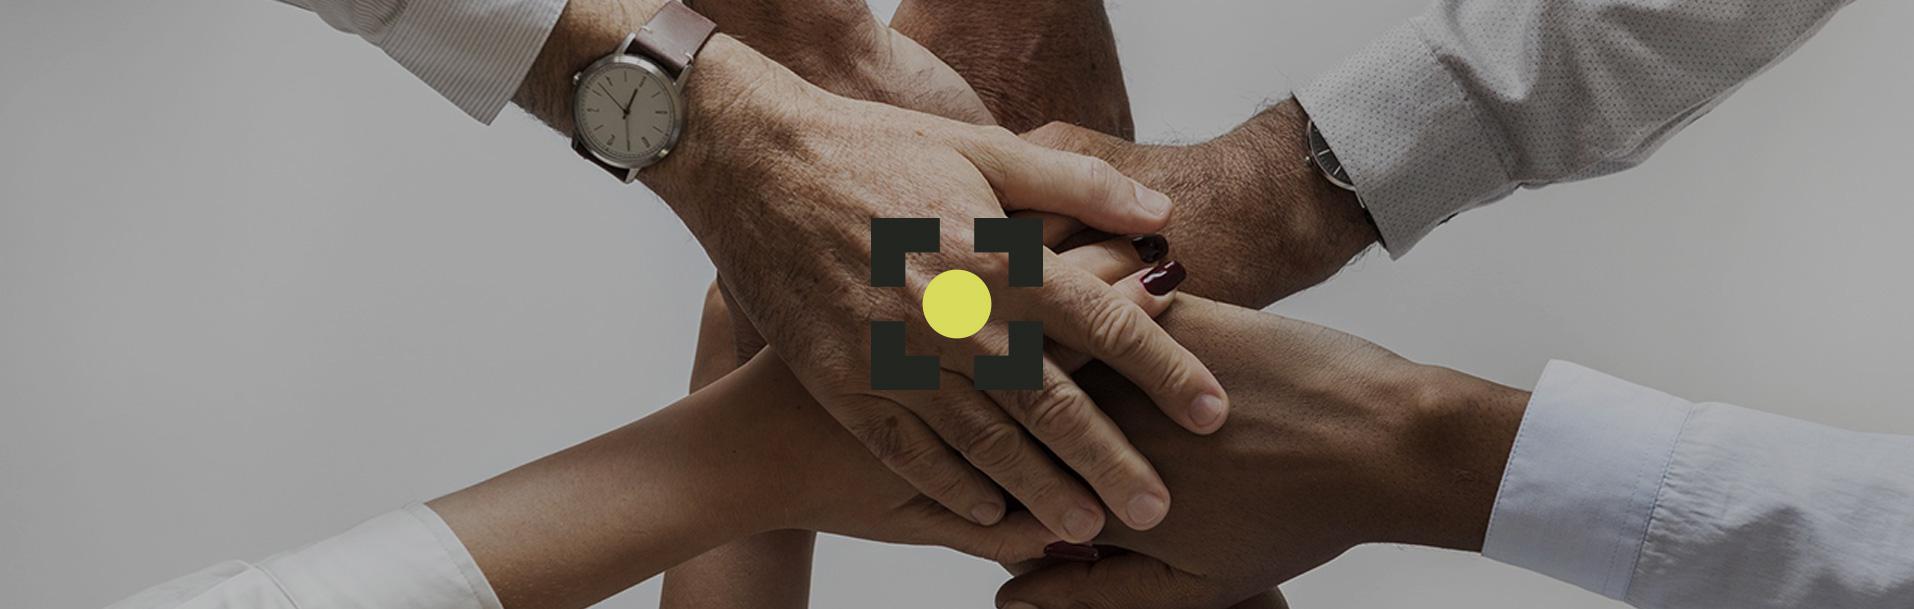 La seguridad social quiere replantear las formulas de jubilación